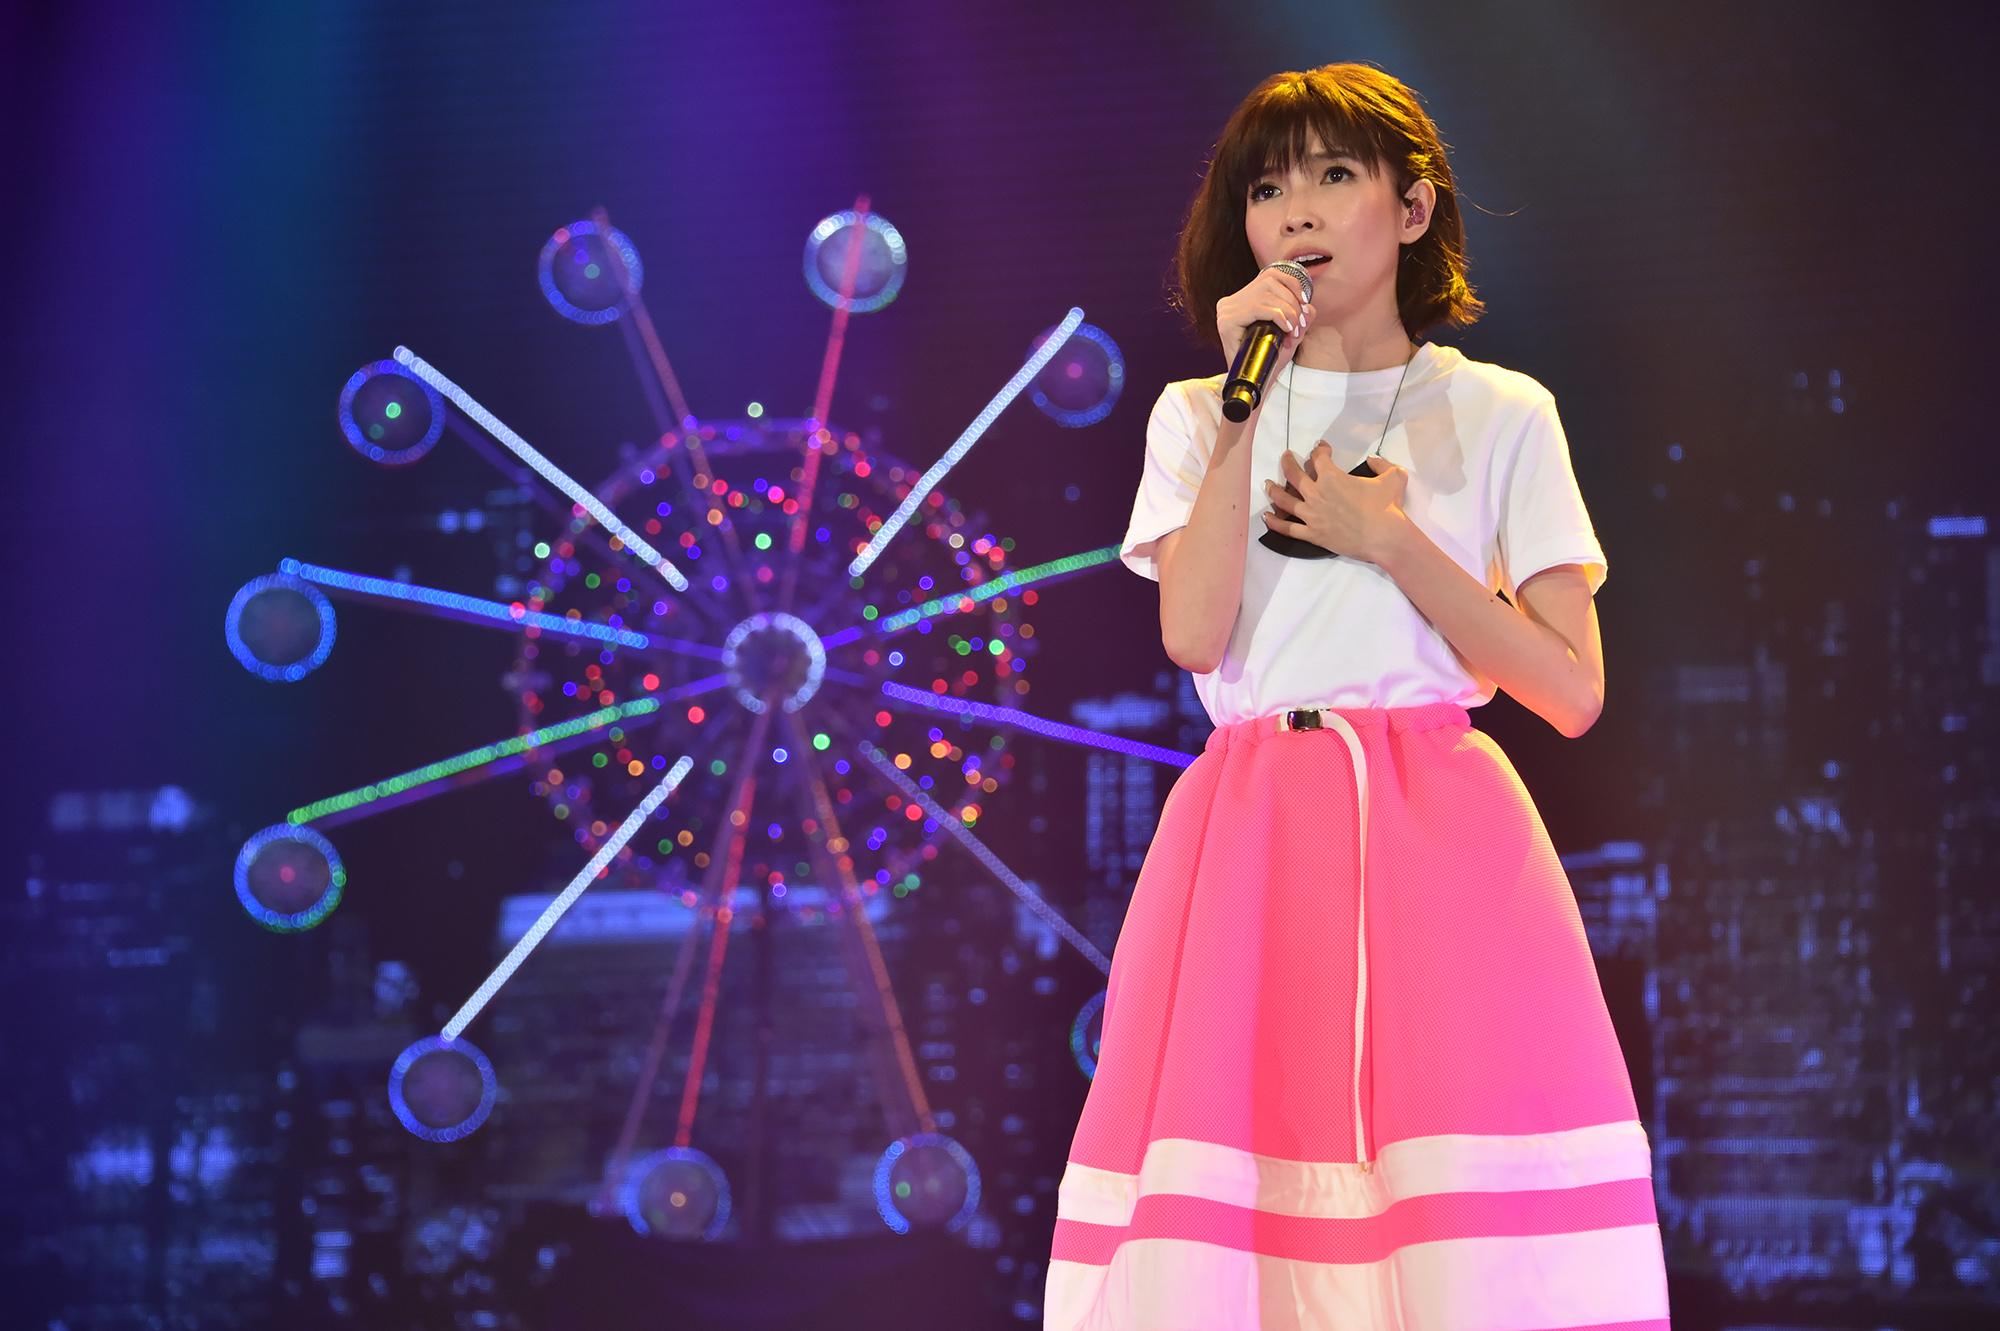 郭美美参加亚洲流行音乐节 演唱新歌感动哽咽